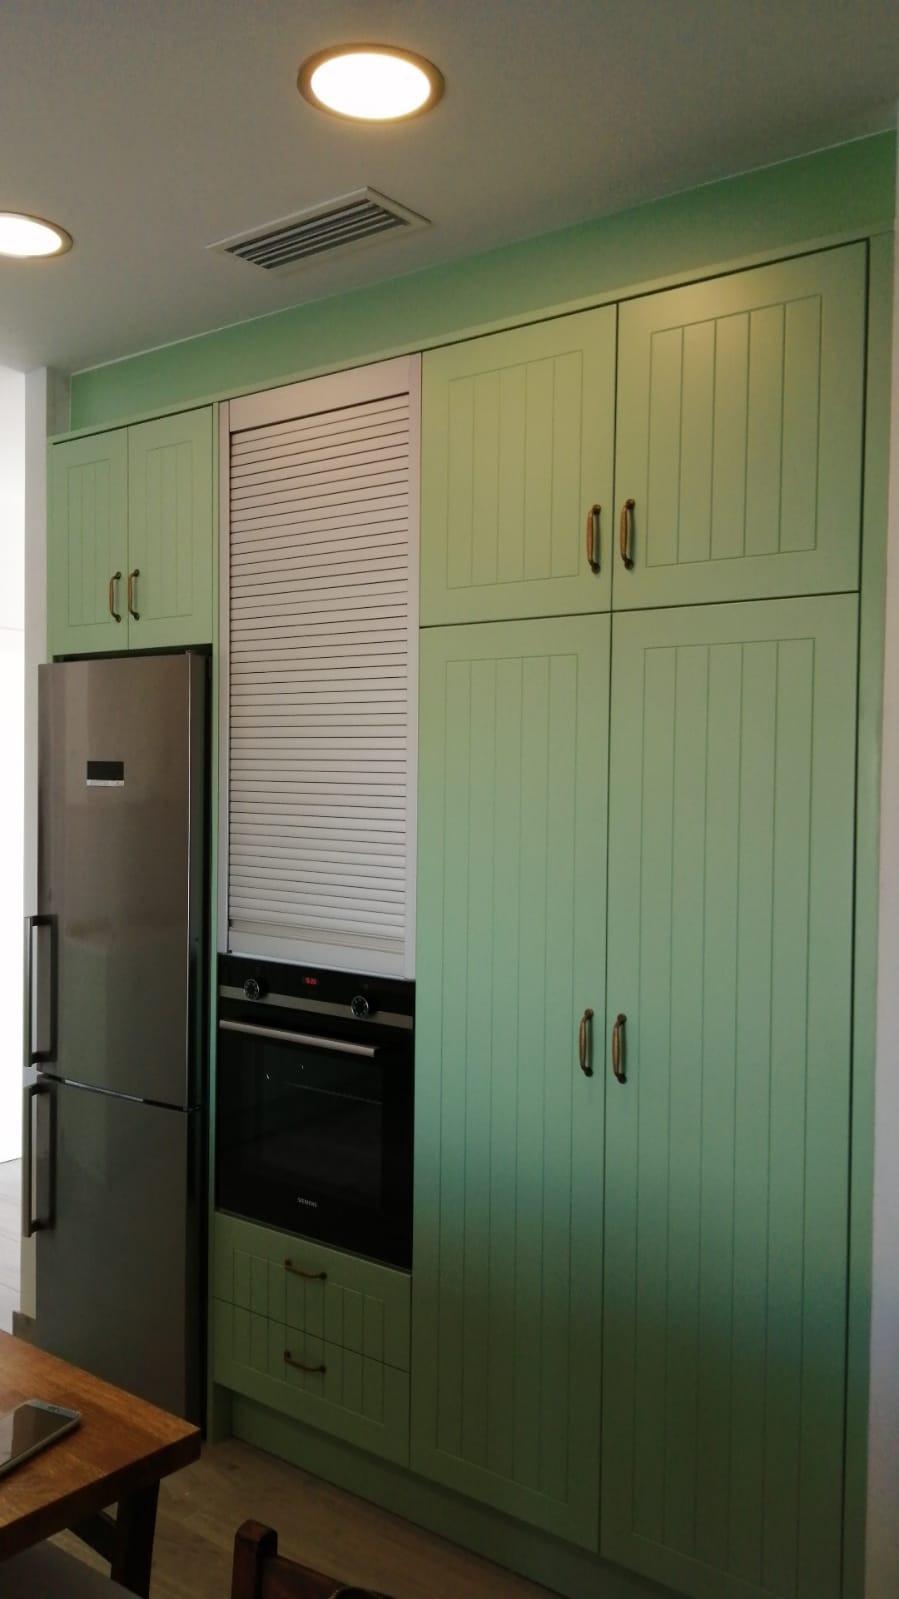 muebles-de-cocina-a-medida-torrevieja-orihuela